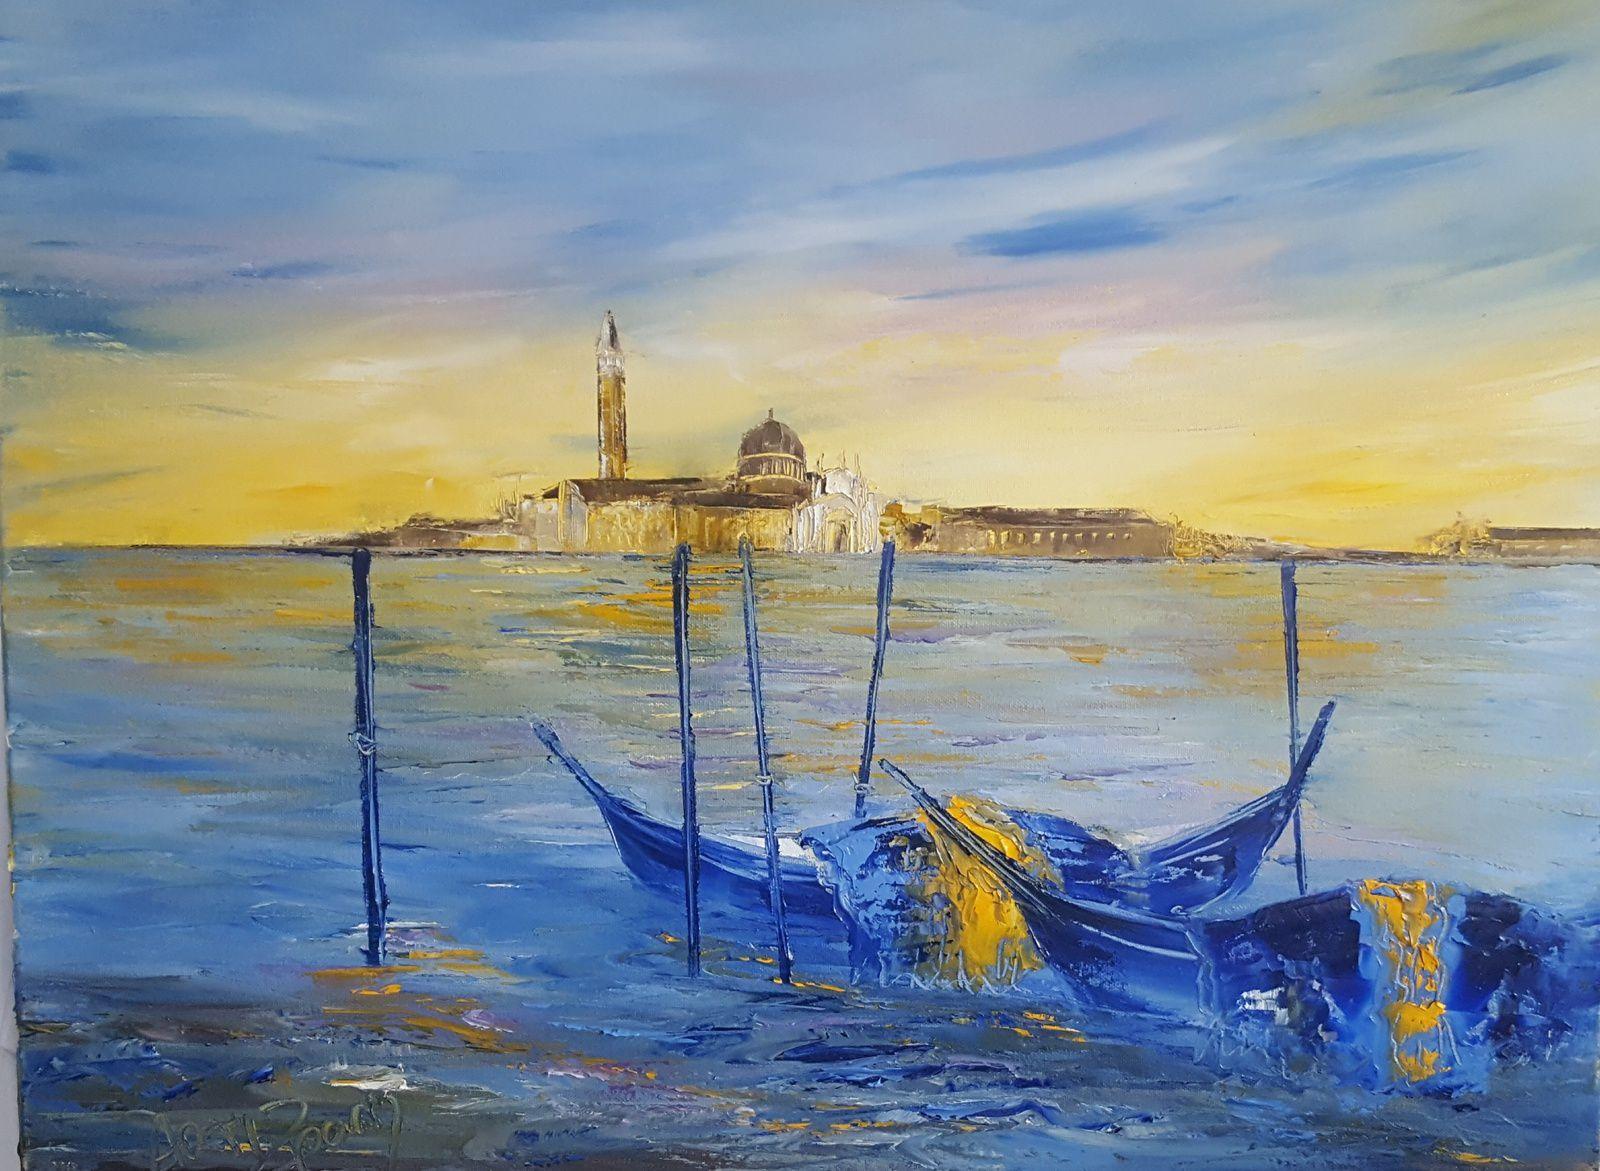 Les gondoles, huile sur toile, format 61x46, disponible